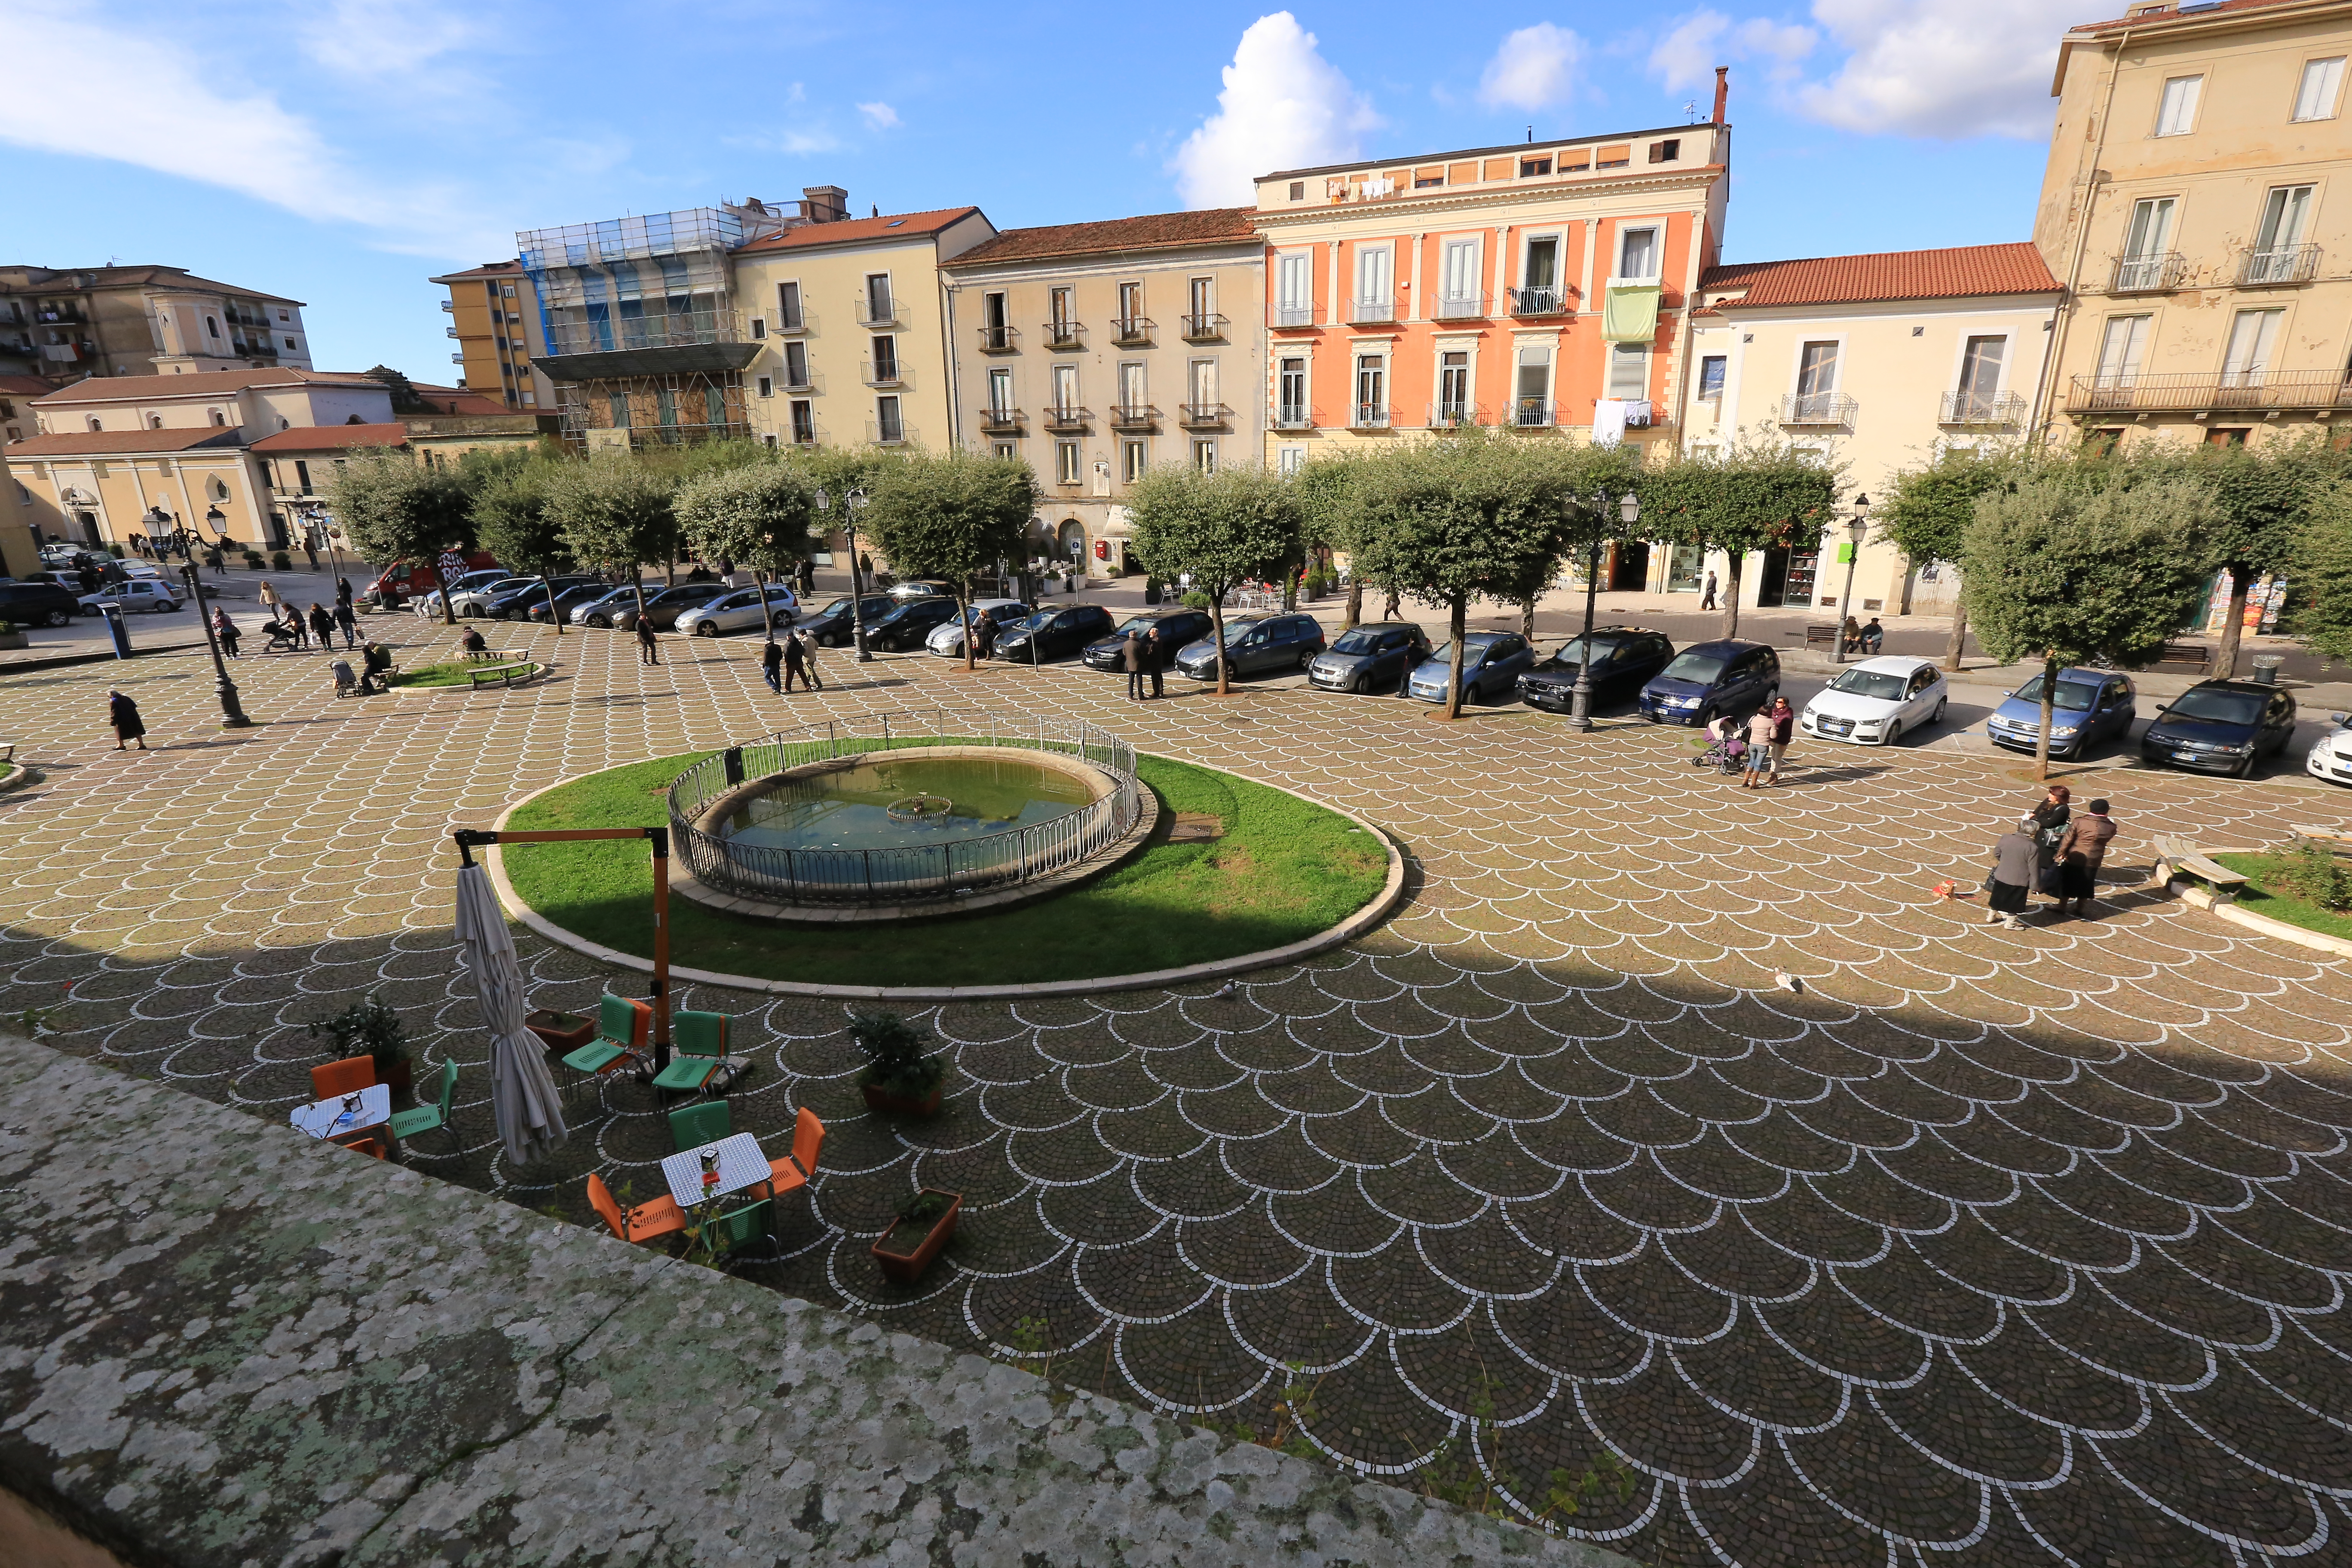 Vallo della lucania travel in italy blog - Agenzie immobiliari vallo della lucania ...